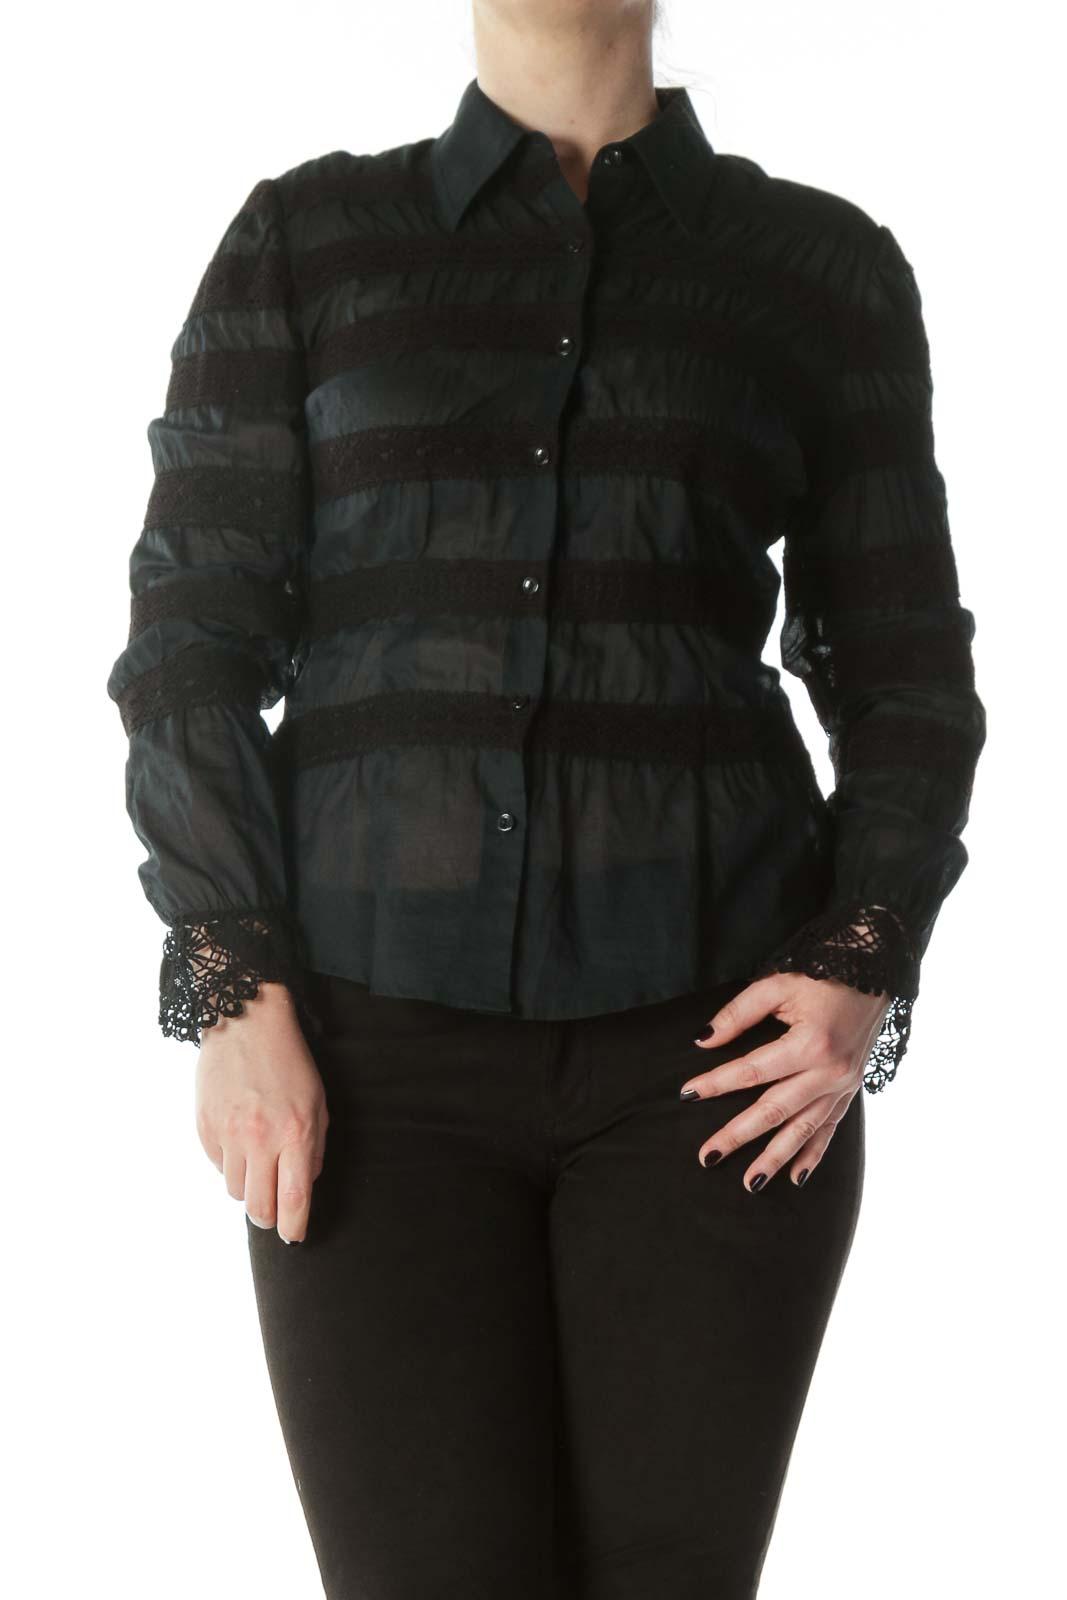 Navy Blue Black 100% Cotton Lace Appliques Shirt Front